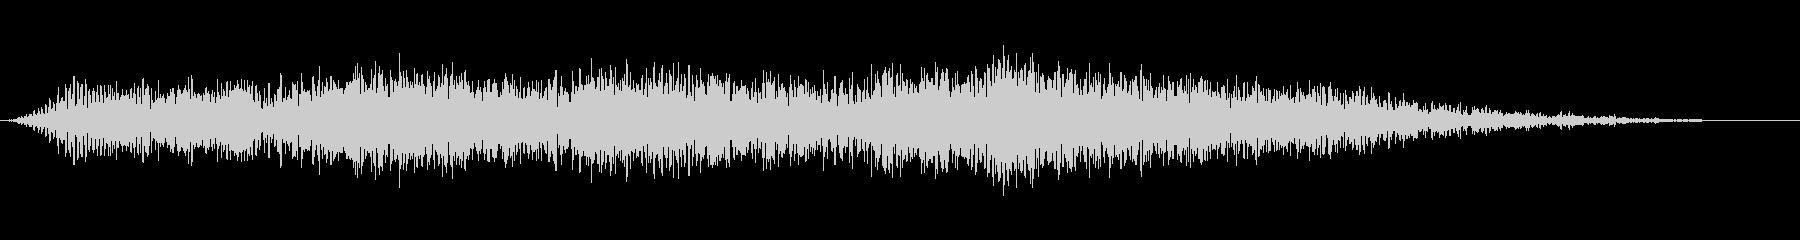 ダークマスの未再生の波形